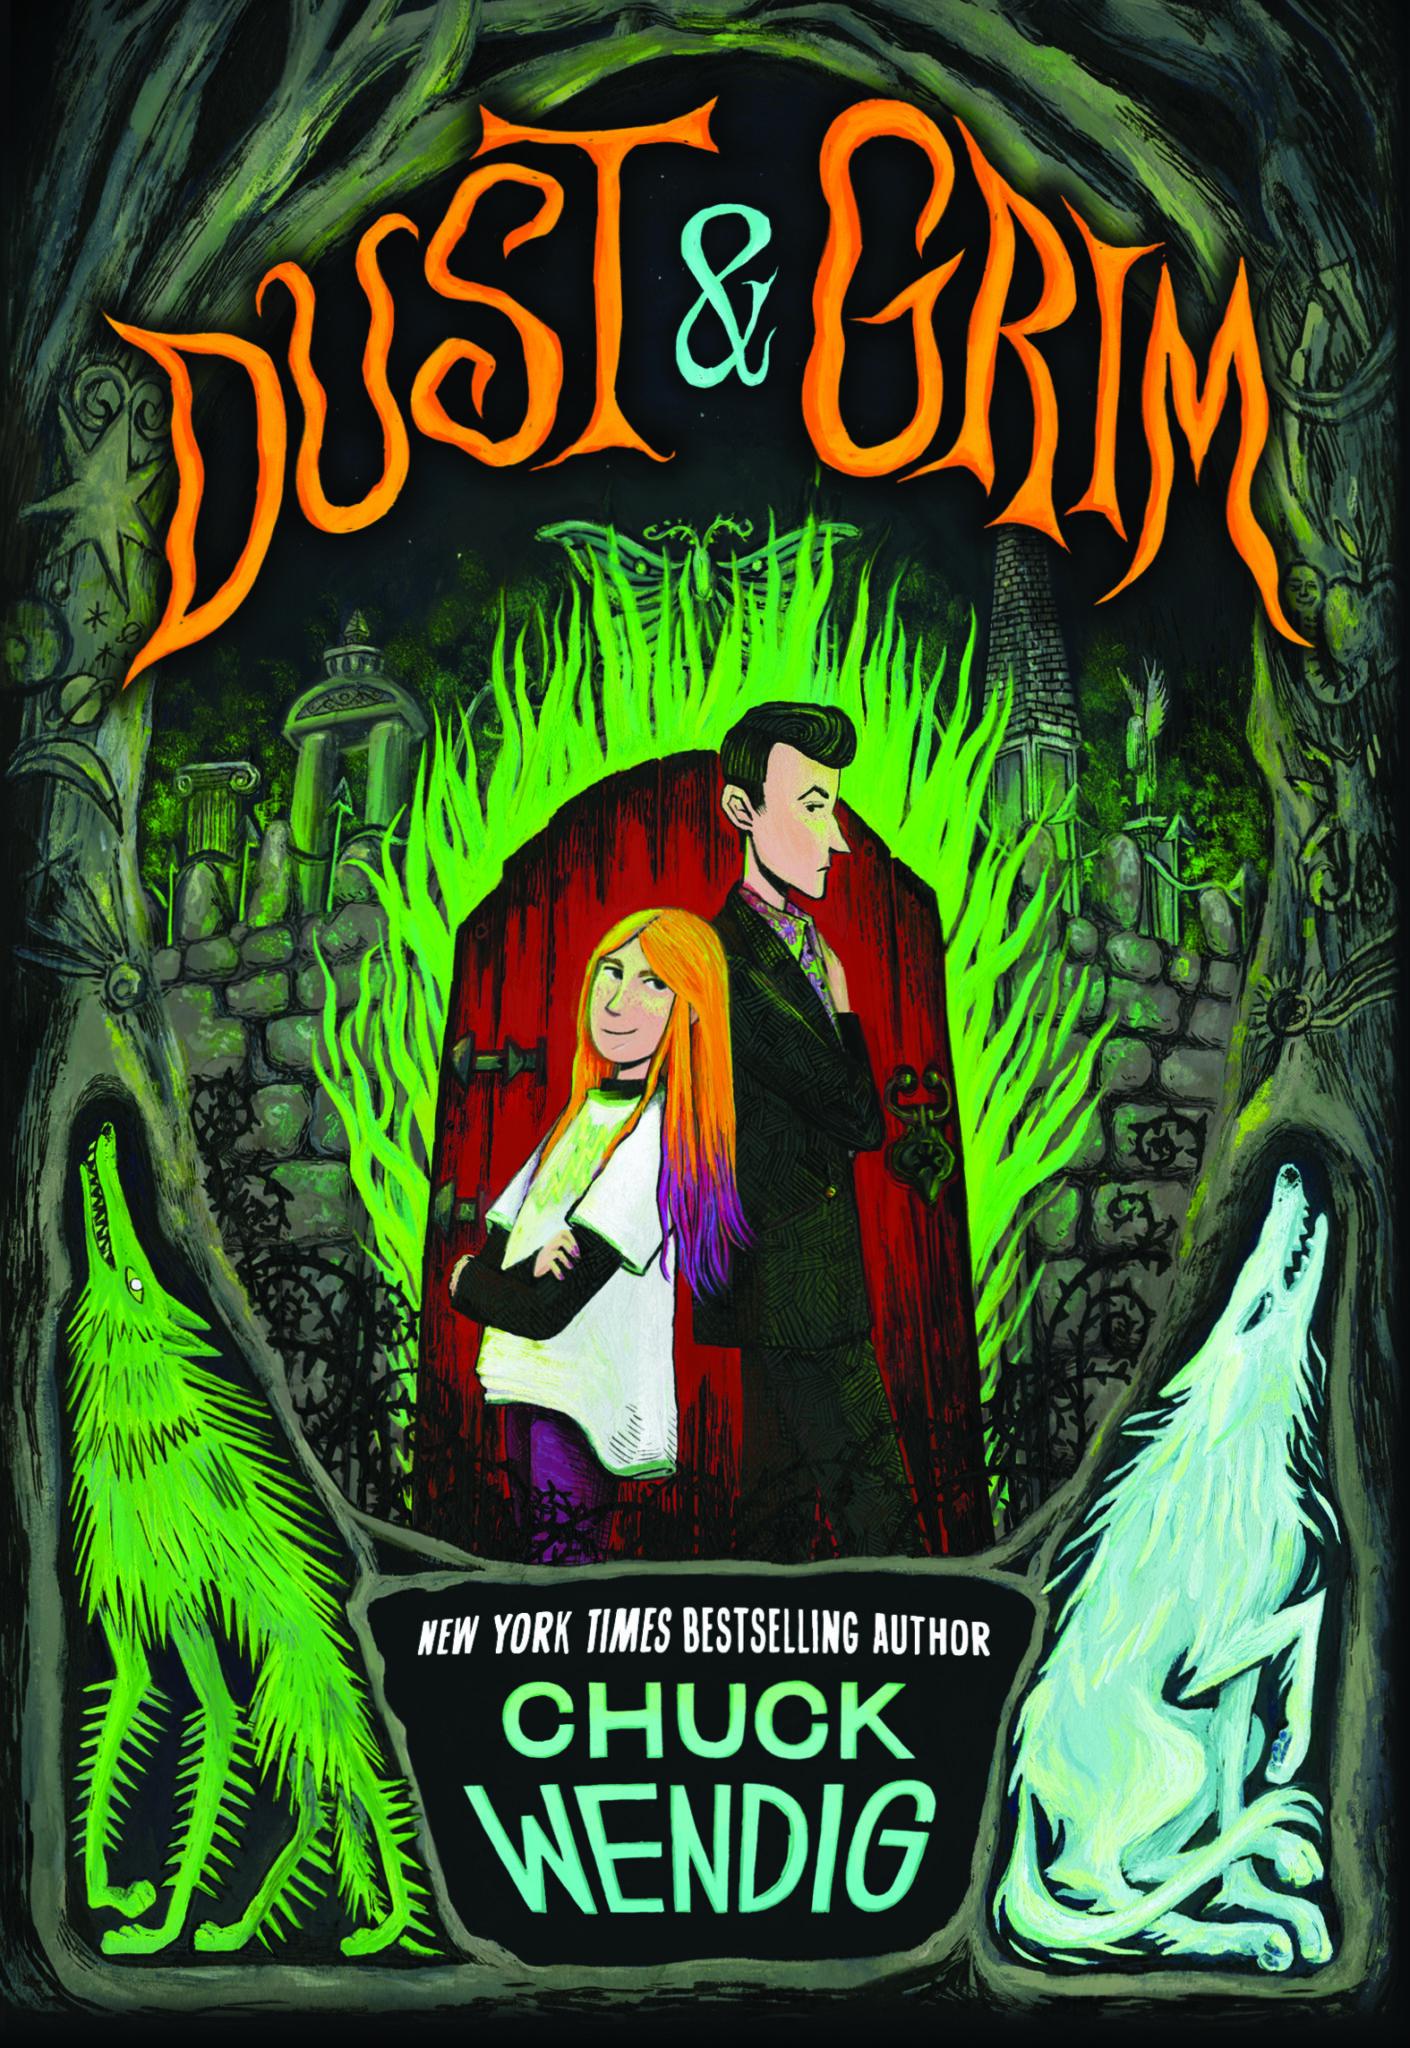 Dust & Grim Cover